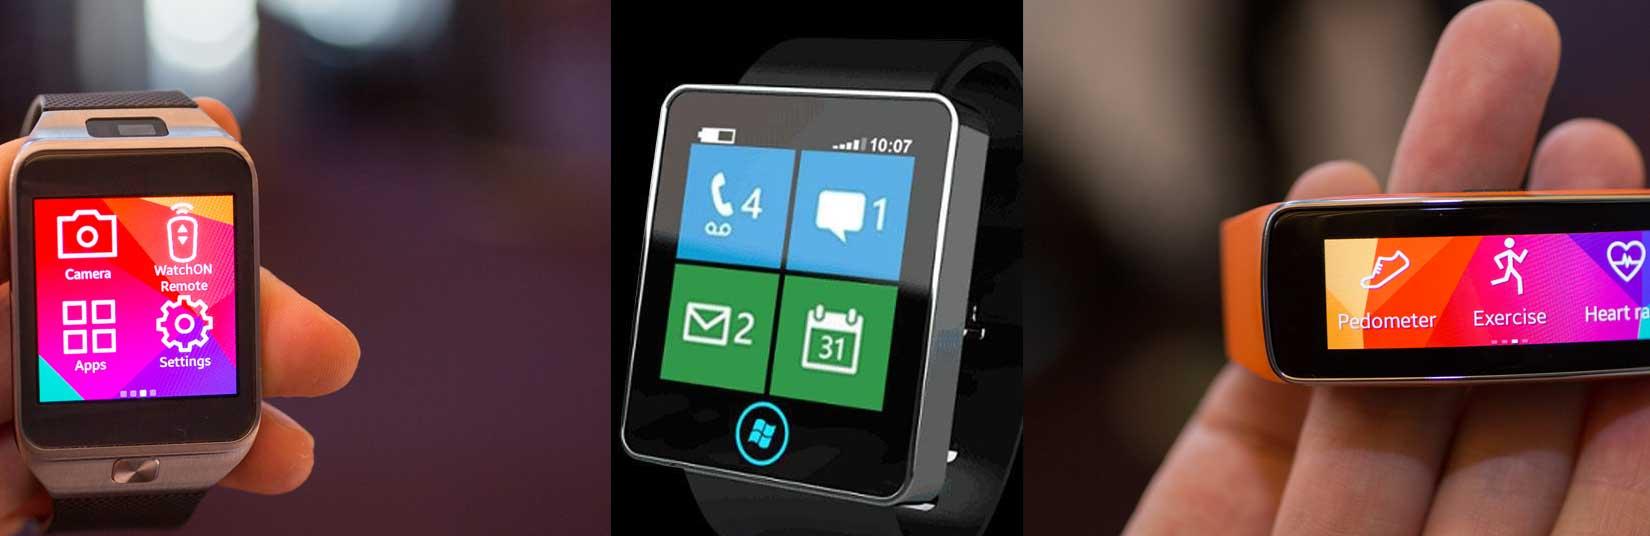 Microsoft's Debut In Wearable Technology Market